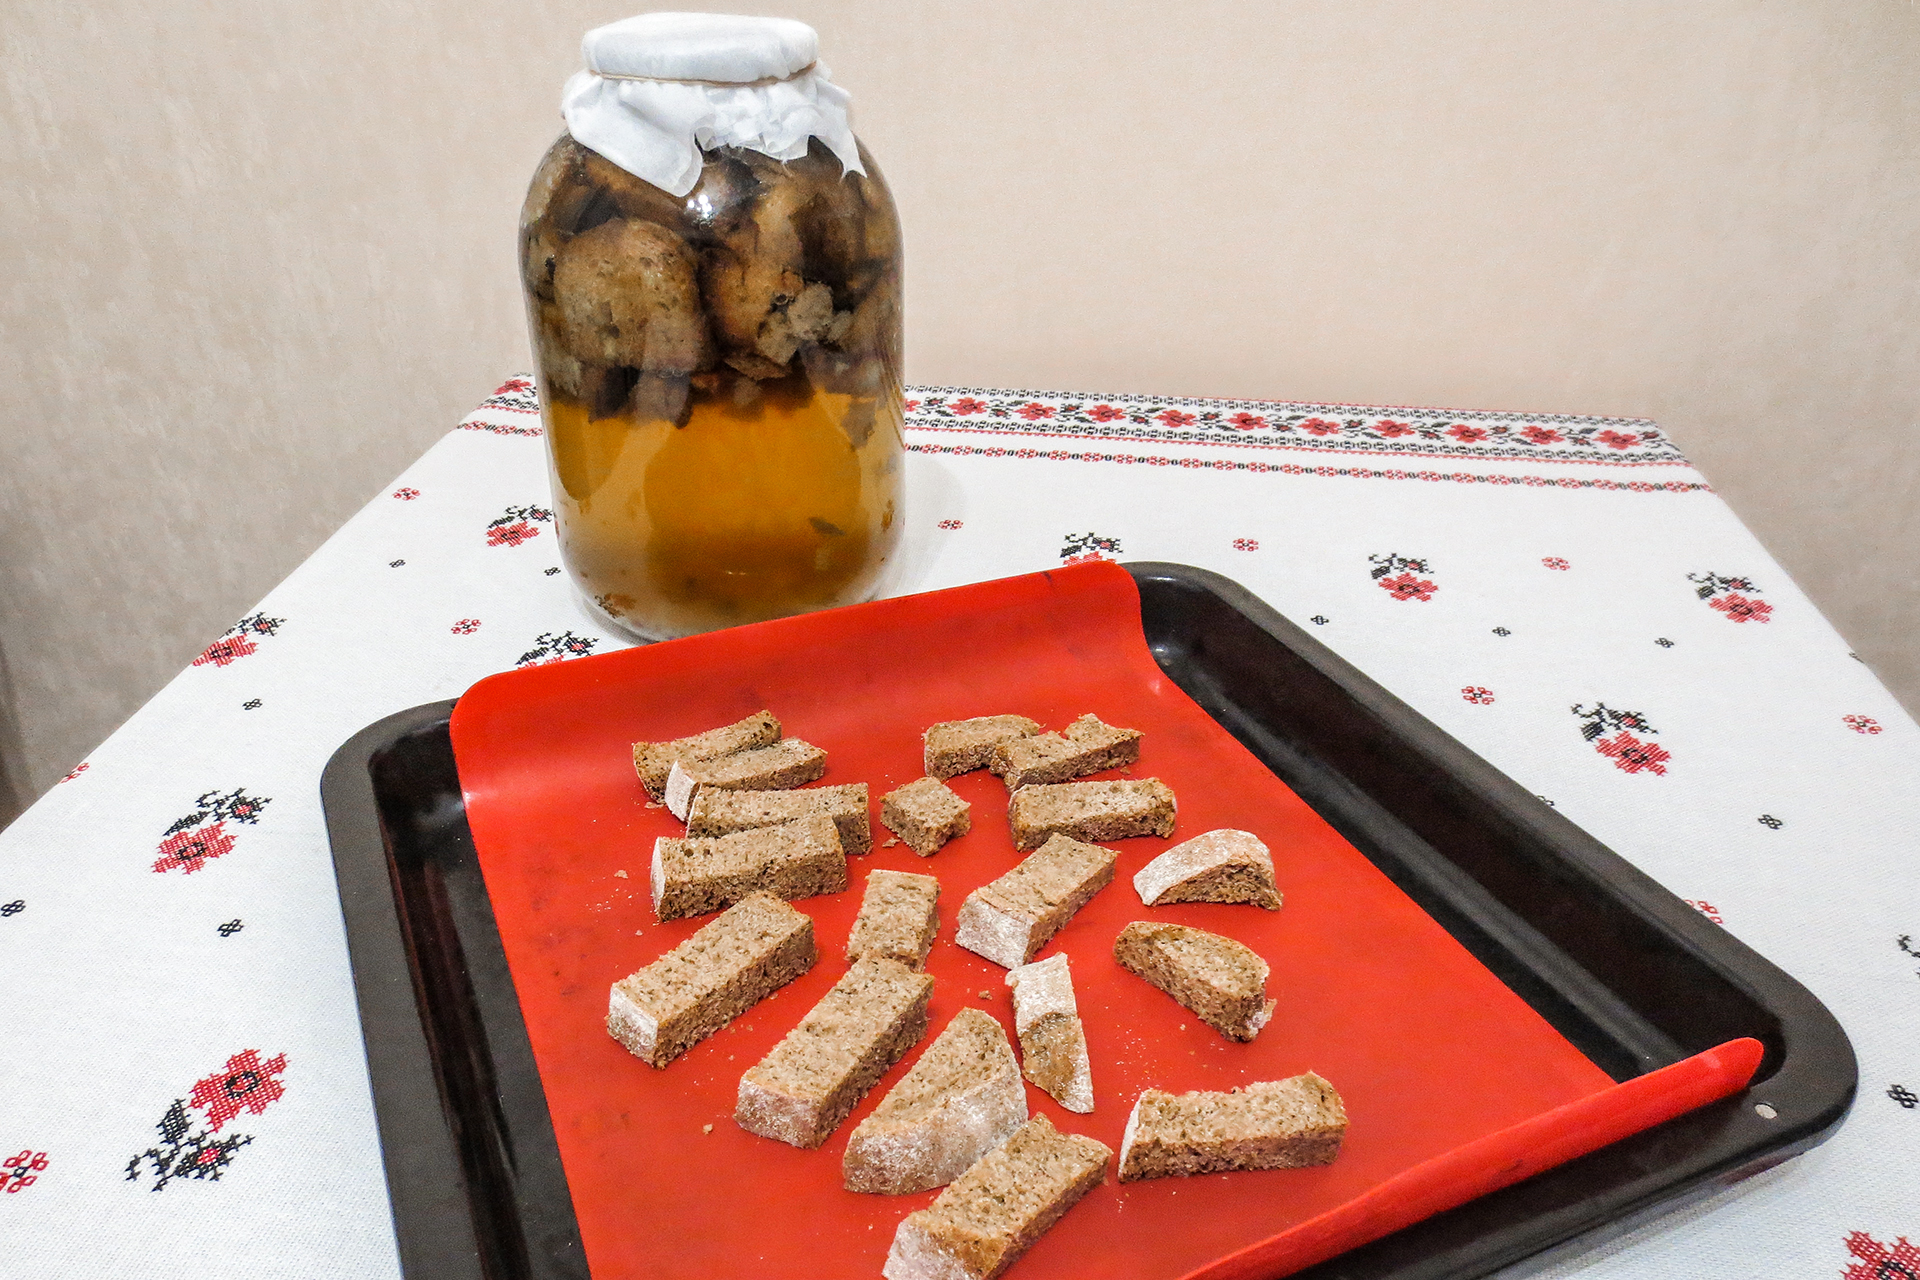 Сухари — незаменимая (ну, почти) составляющая кваса. Хотите напиток потемнее? Берите ржаной хлеб. Для белого, окрошечного кваса пойдёт и белый